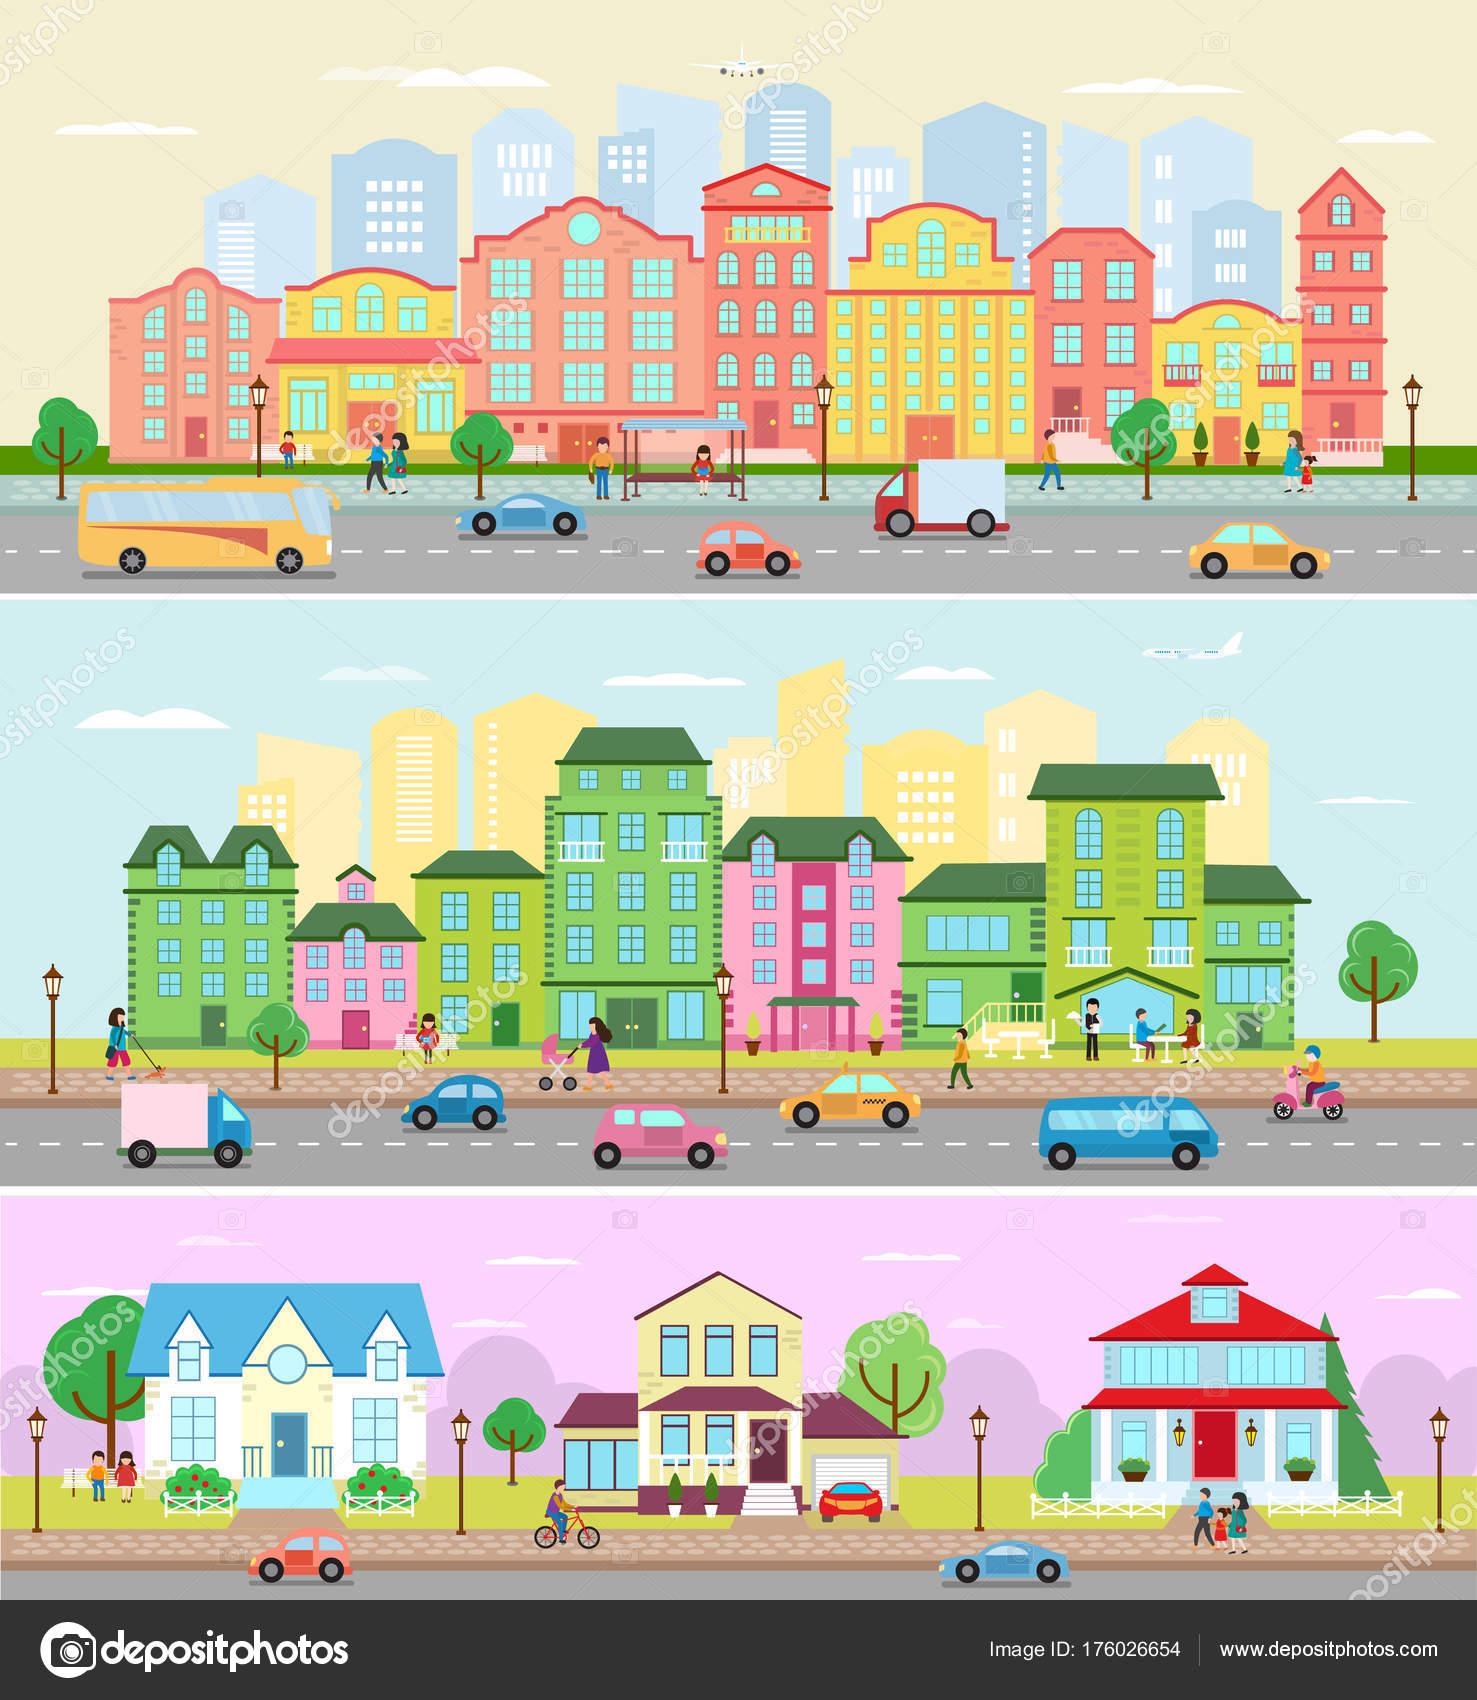 建物と住宅街 Downcity イラストの通りに都市風景ベクトル都市景観